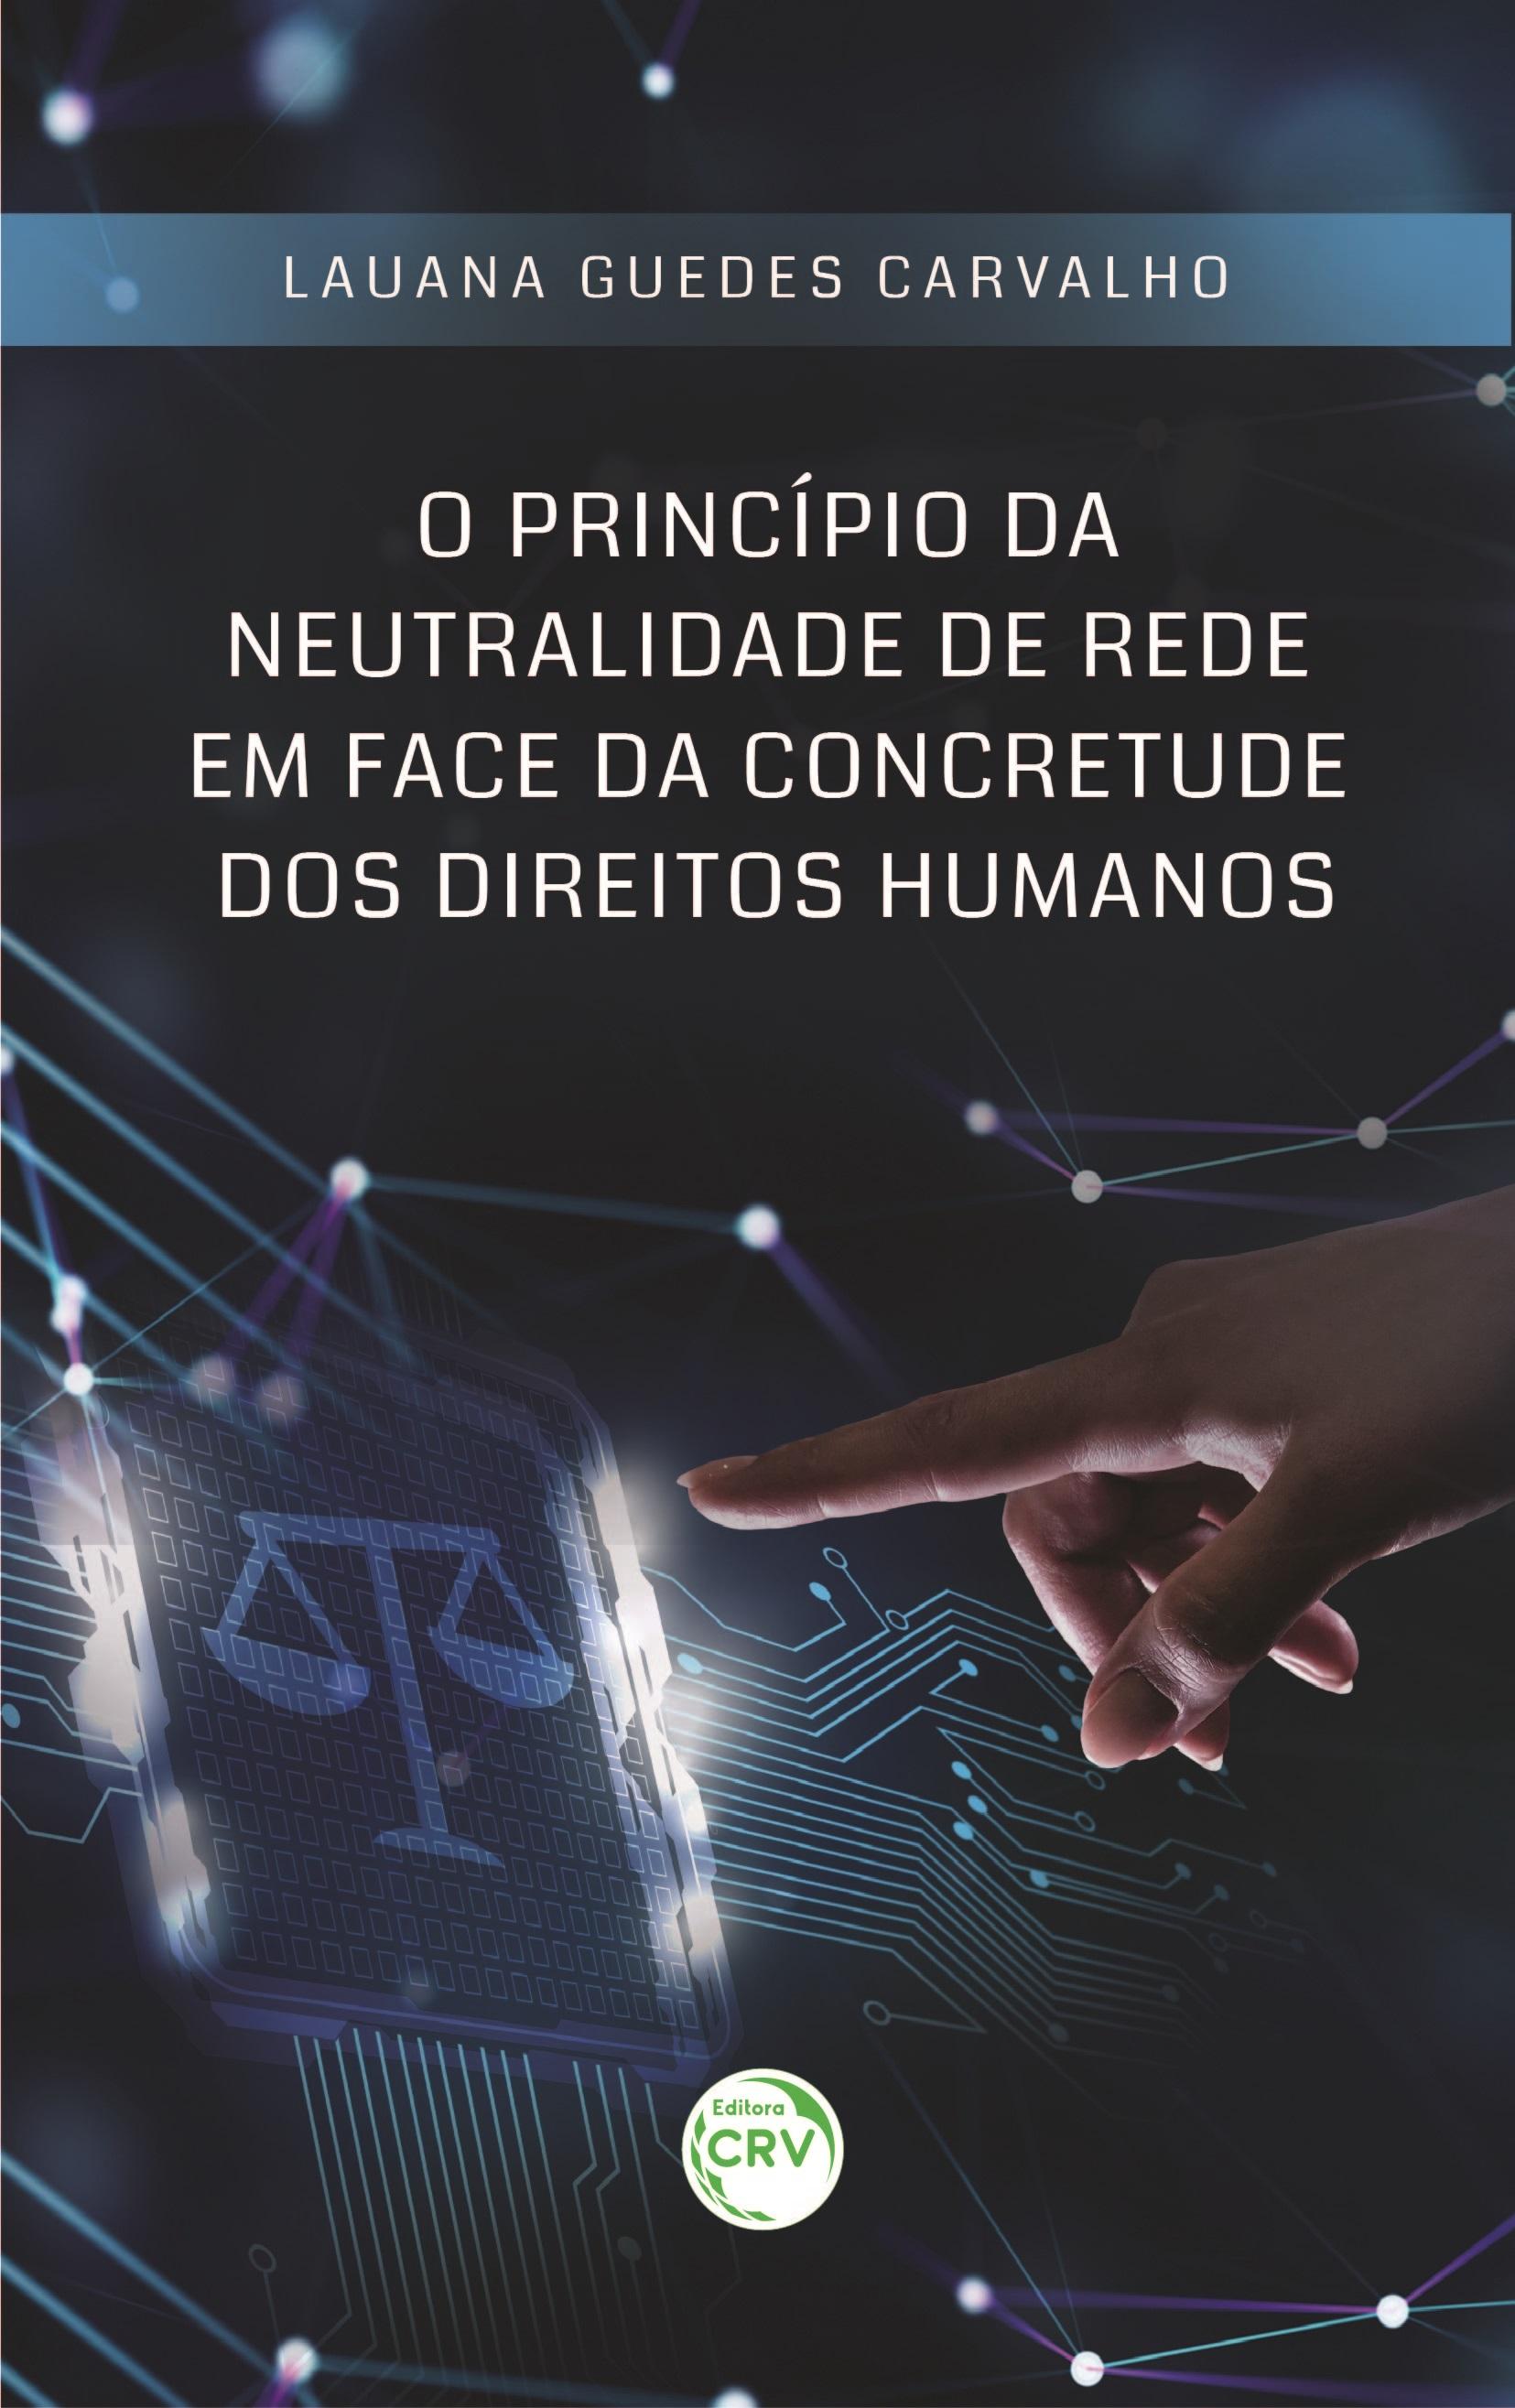 Capa do livro: O PRINCÍPIO DA NEUTRALIDADE DE REDE EM FACE DA CONCRETUDE DOS DIREITOS HUMANOS